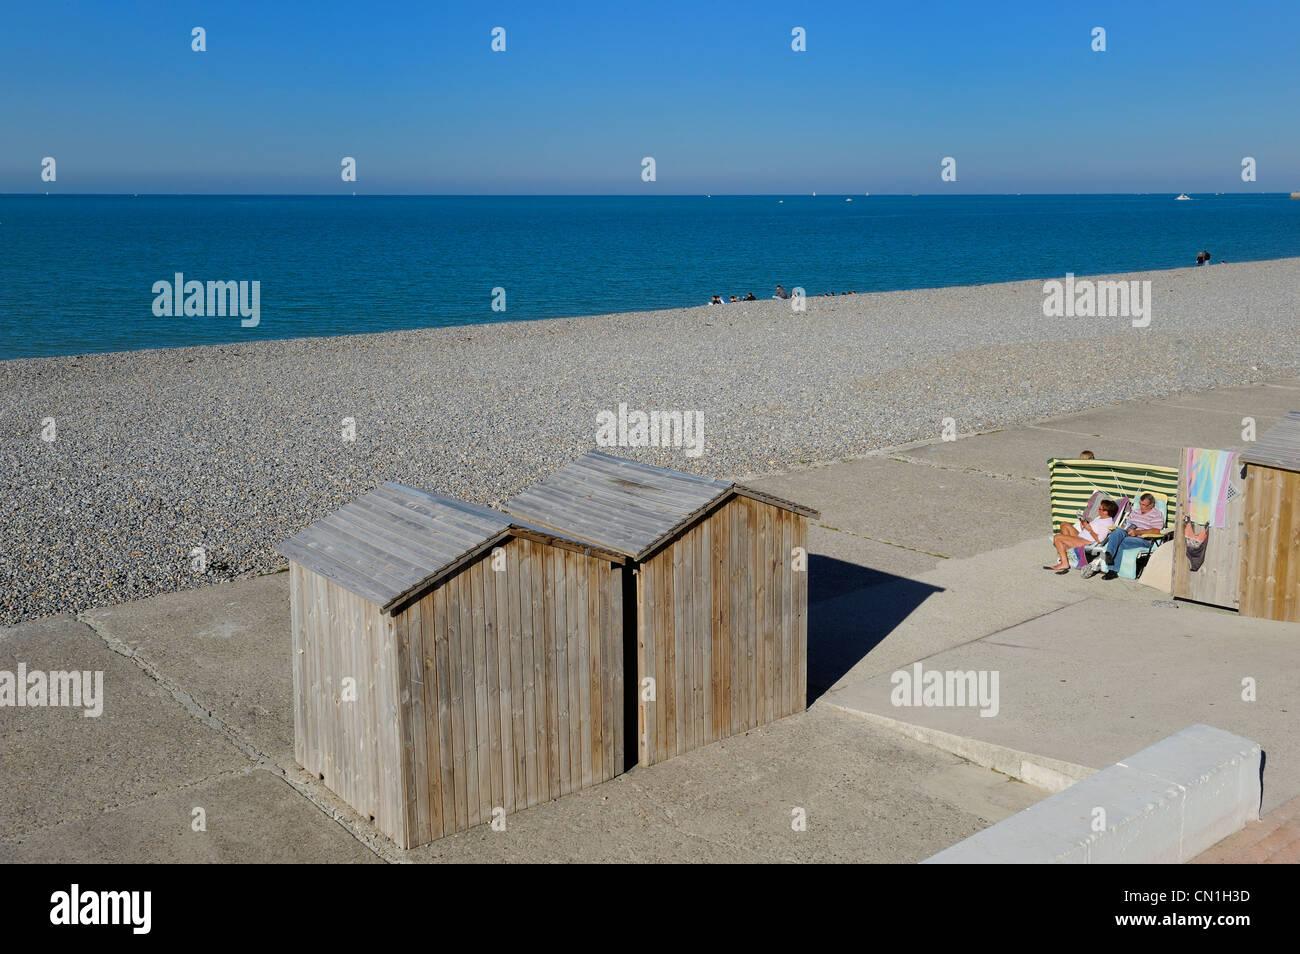 Francia, Seine Maritime, Dieppe, la spiaggia ghiaiosa Immagini Stock